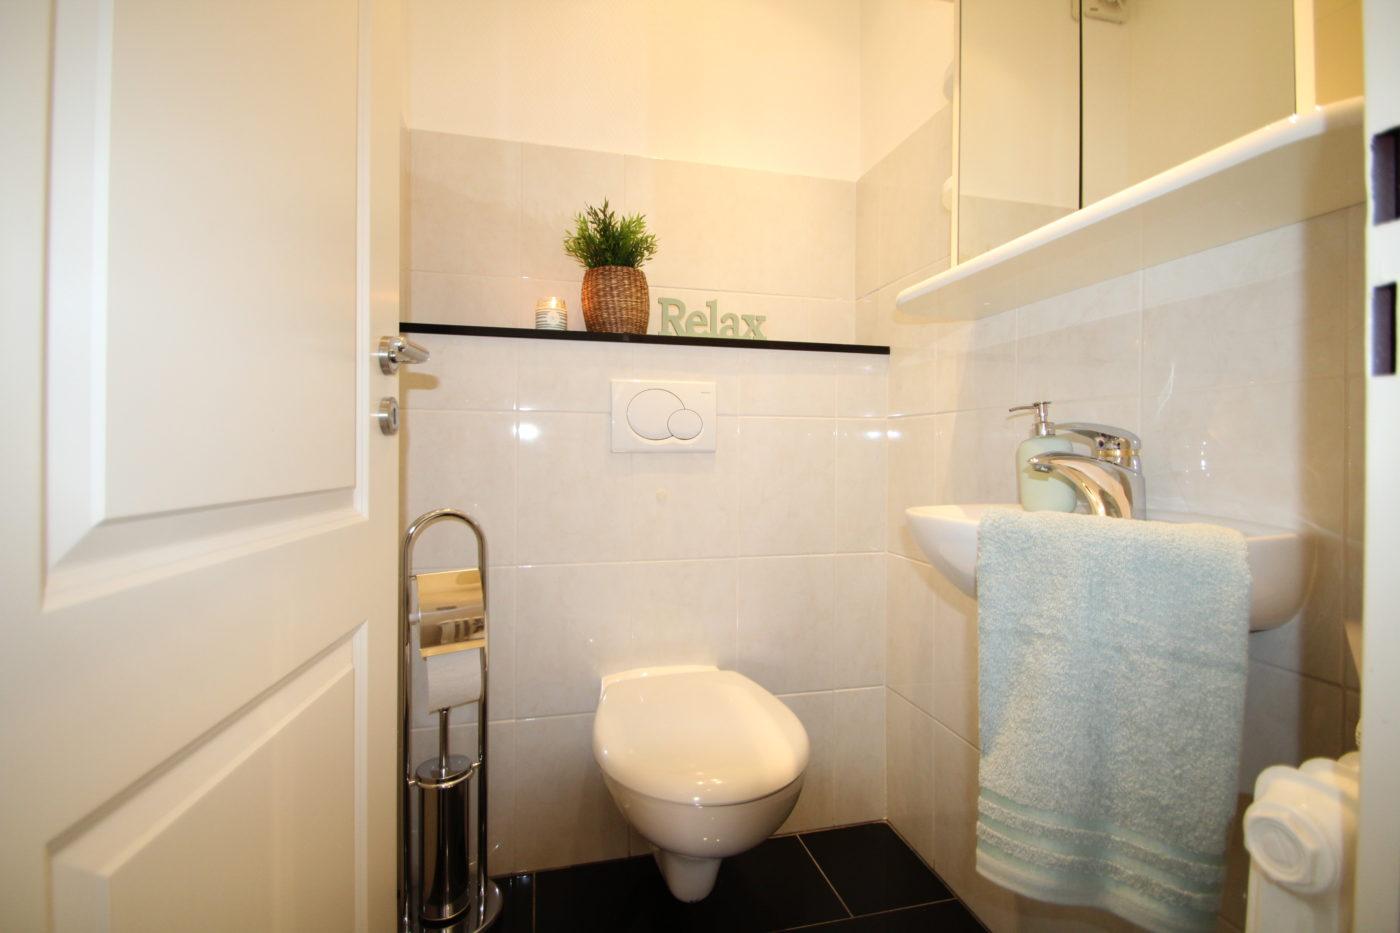 Gäste-WC nach dem Homestaging durch Nicole Biernath von Blickfang Homestaging in Soest